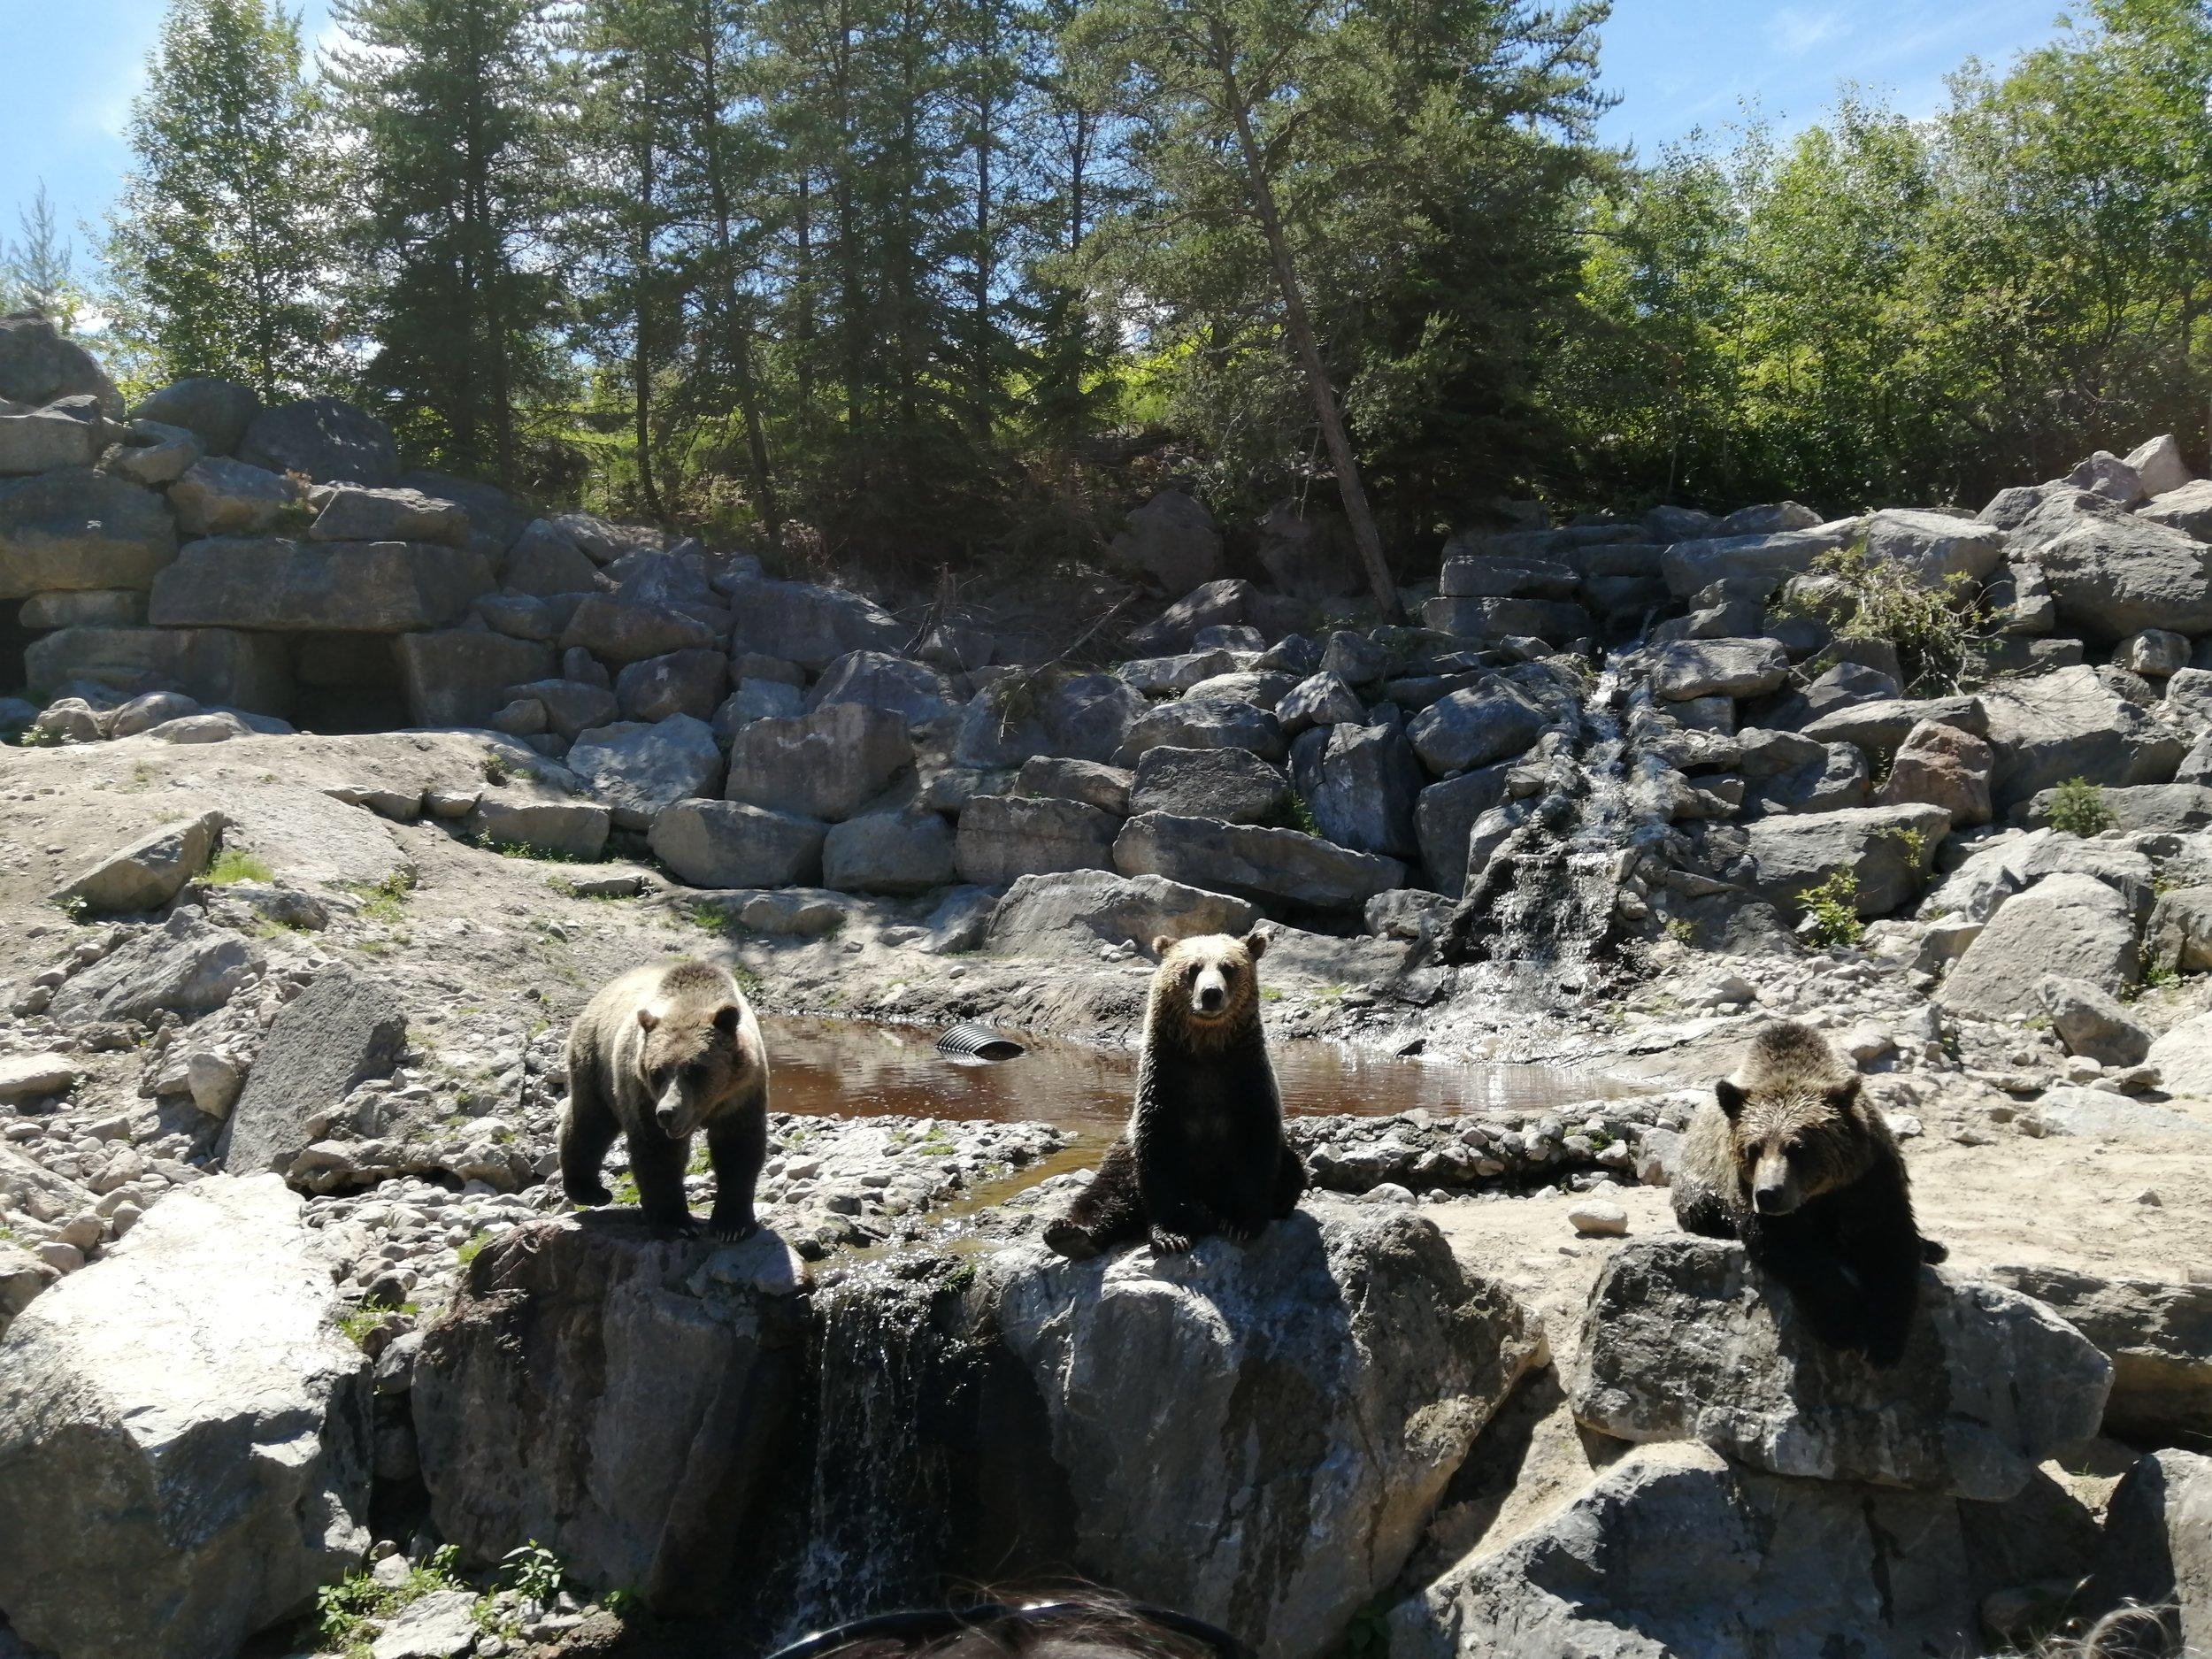 voyage-famille-lac-saint-jean-zoo-st-félicien-grizzlis-sauvage-nature-forêt